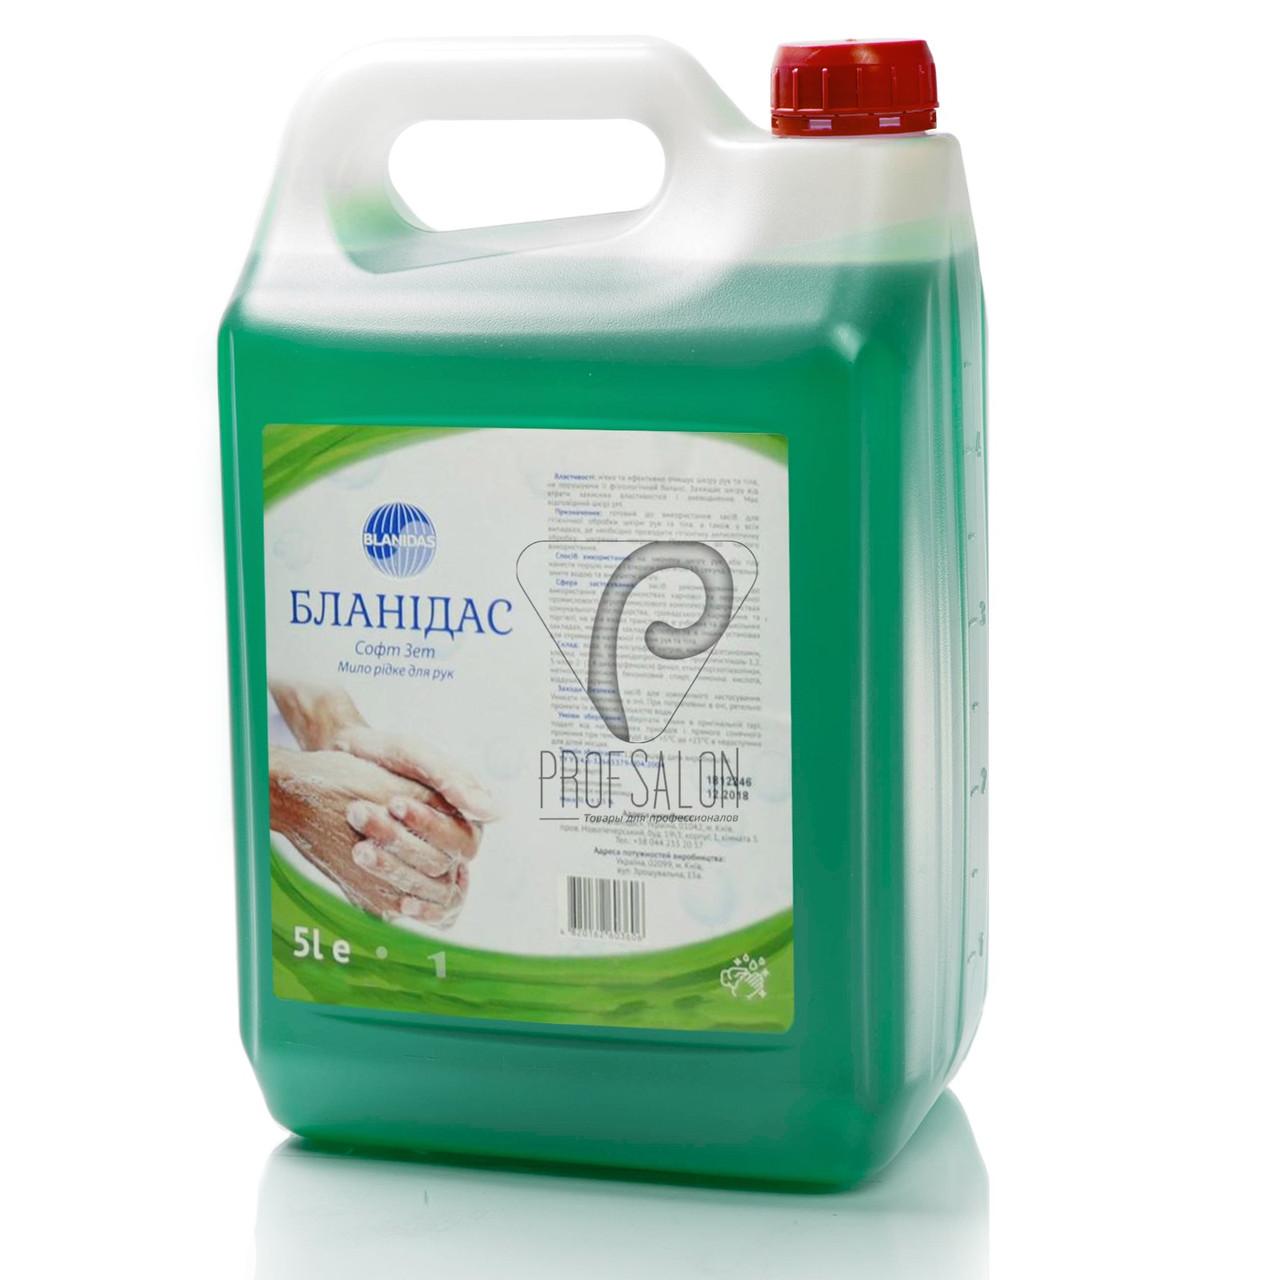 Жидкое мыло Бланидас Софт Зет 5л, профессиональное, для гигиеничесской дезинфекции рук и кожи